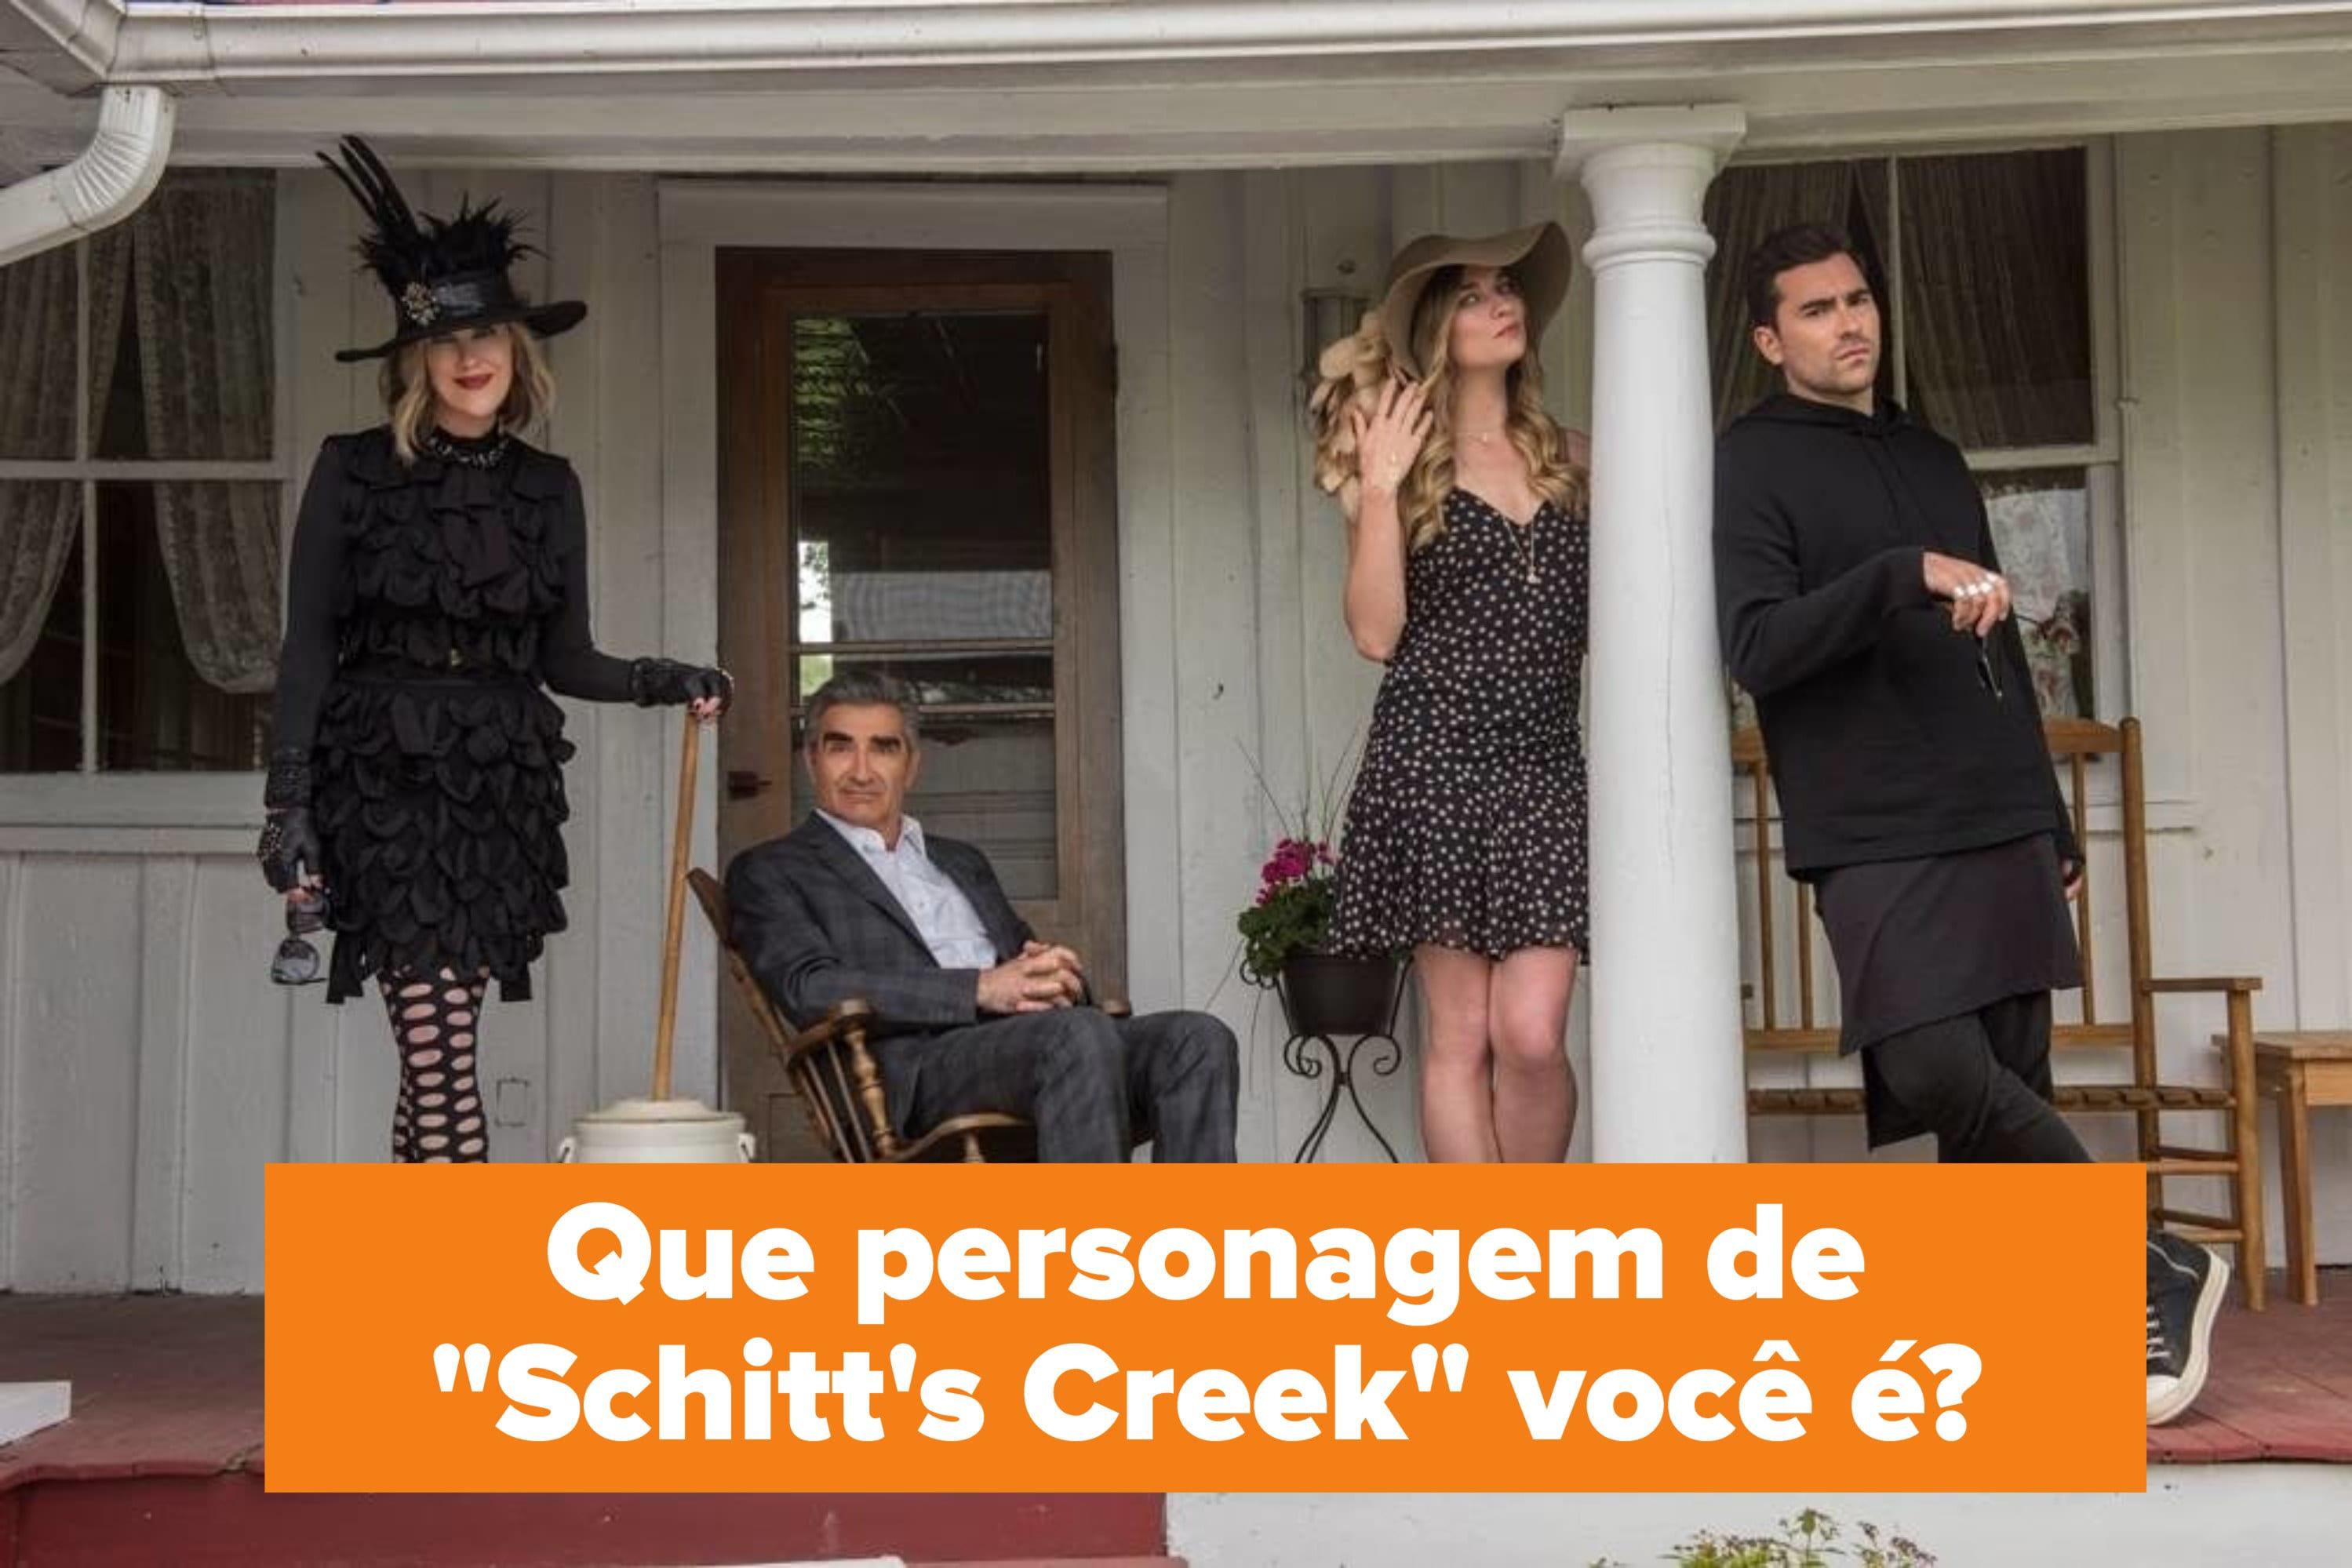 """Foto dos personagens de """"Schitt's Creek"""" e a pergunta: """"Que personagem de 'Schitt's Creek' você é?"""""""